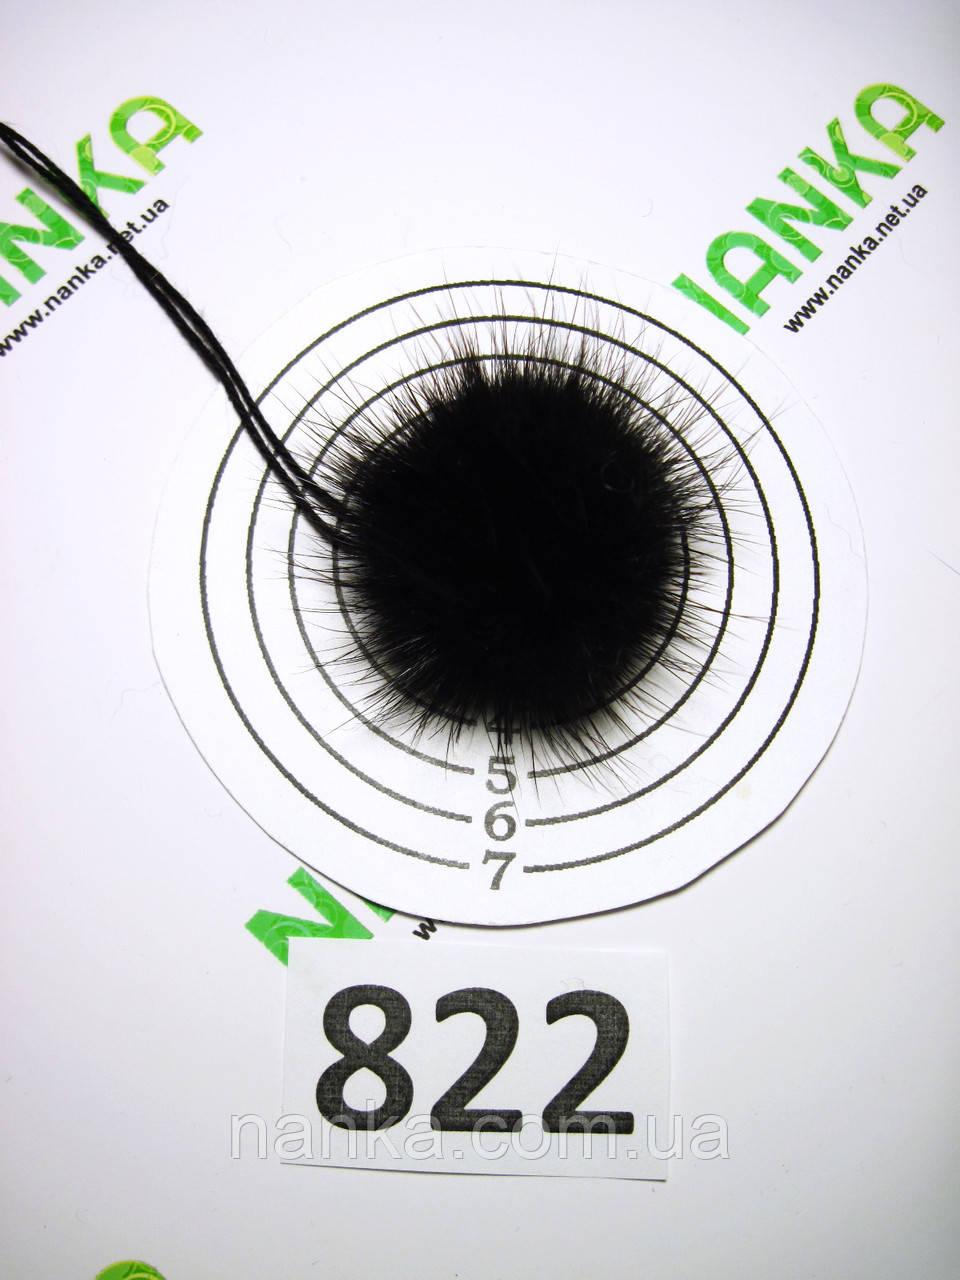 Меховой помпон Норка, Черный, 4 см, 822